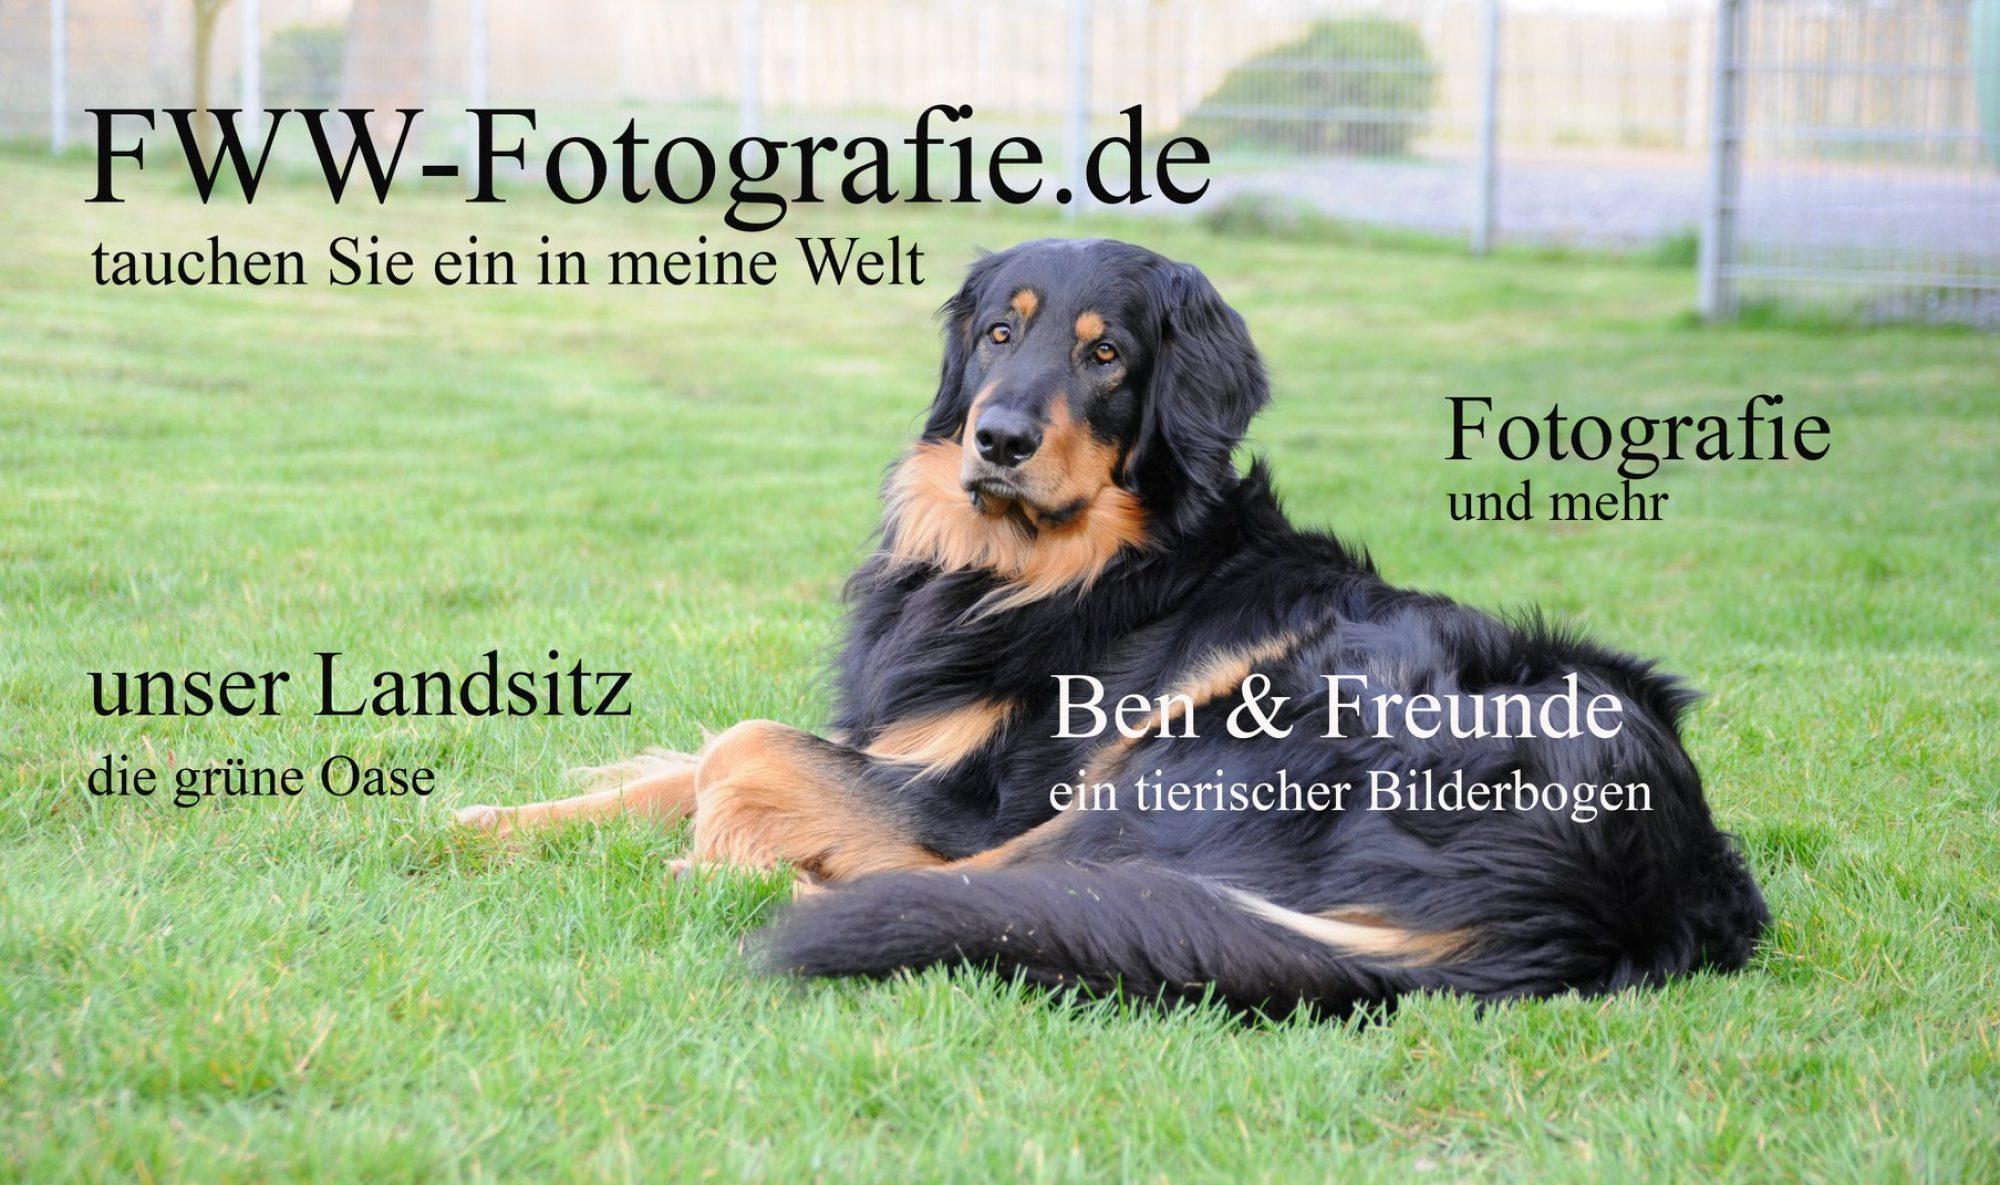 FWW-Fotografie